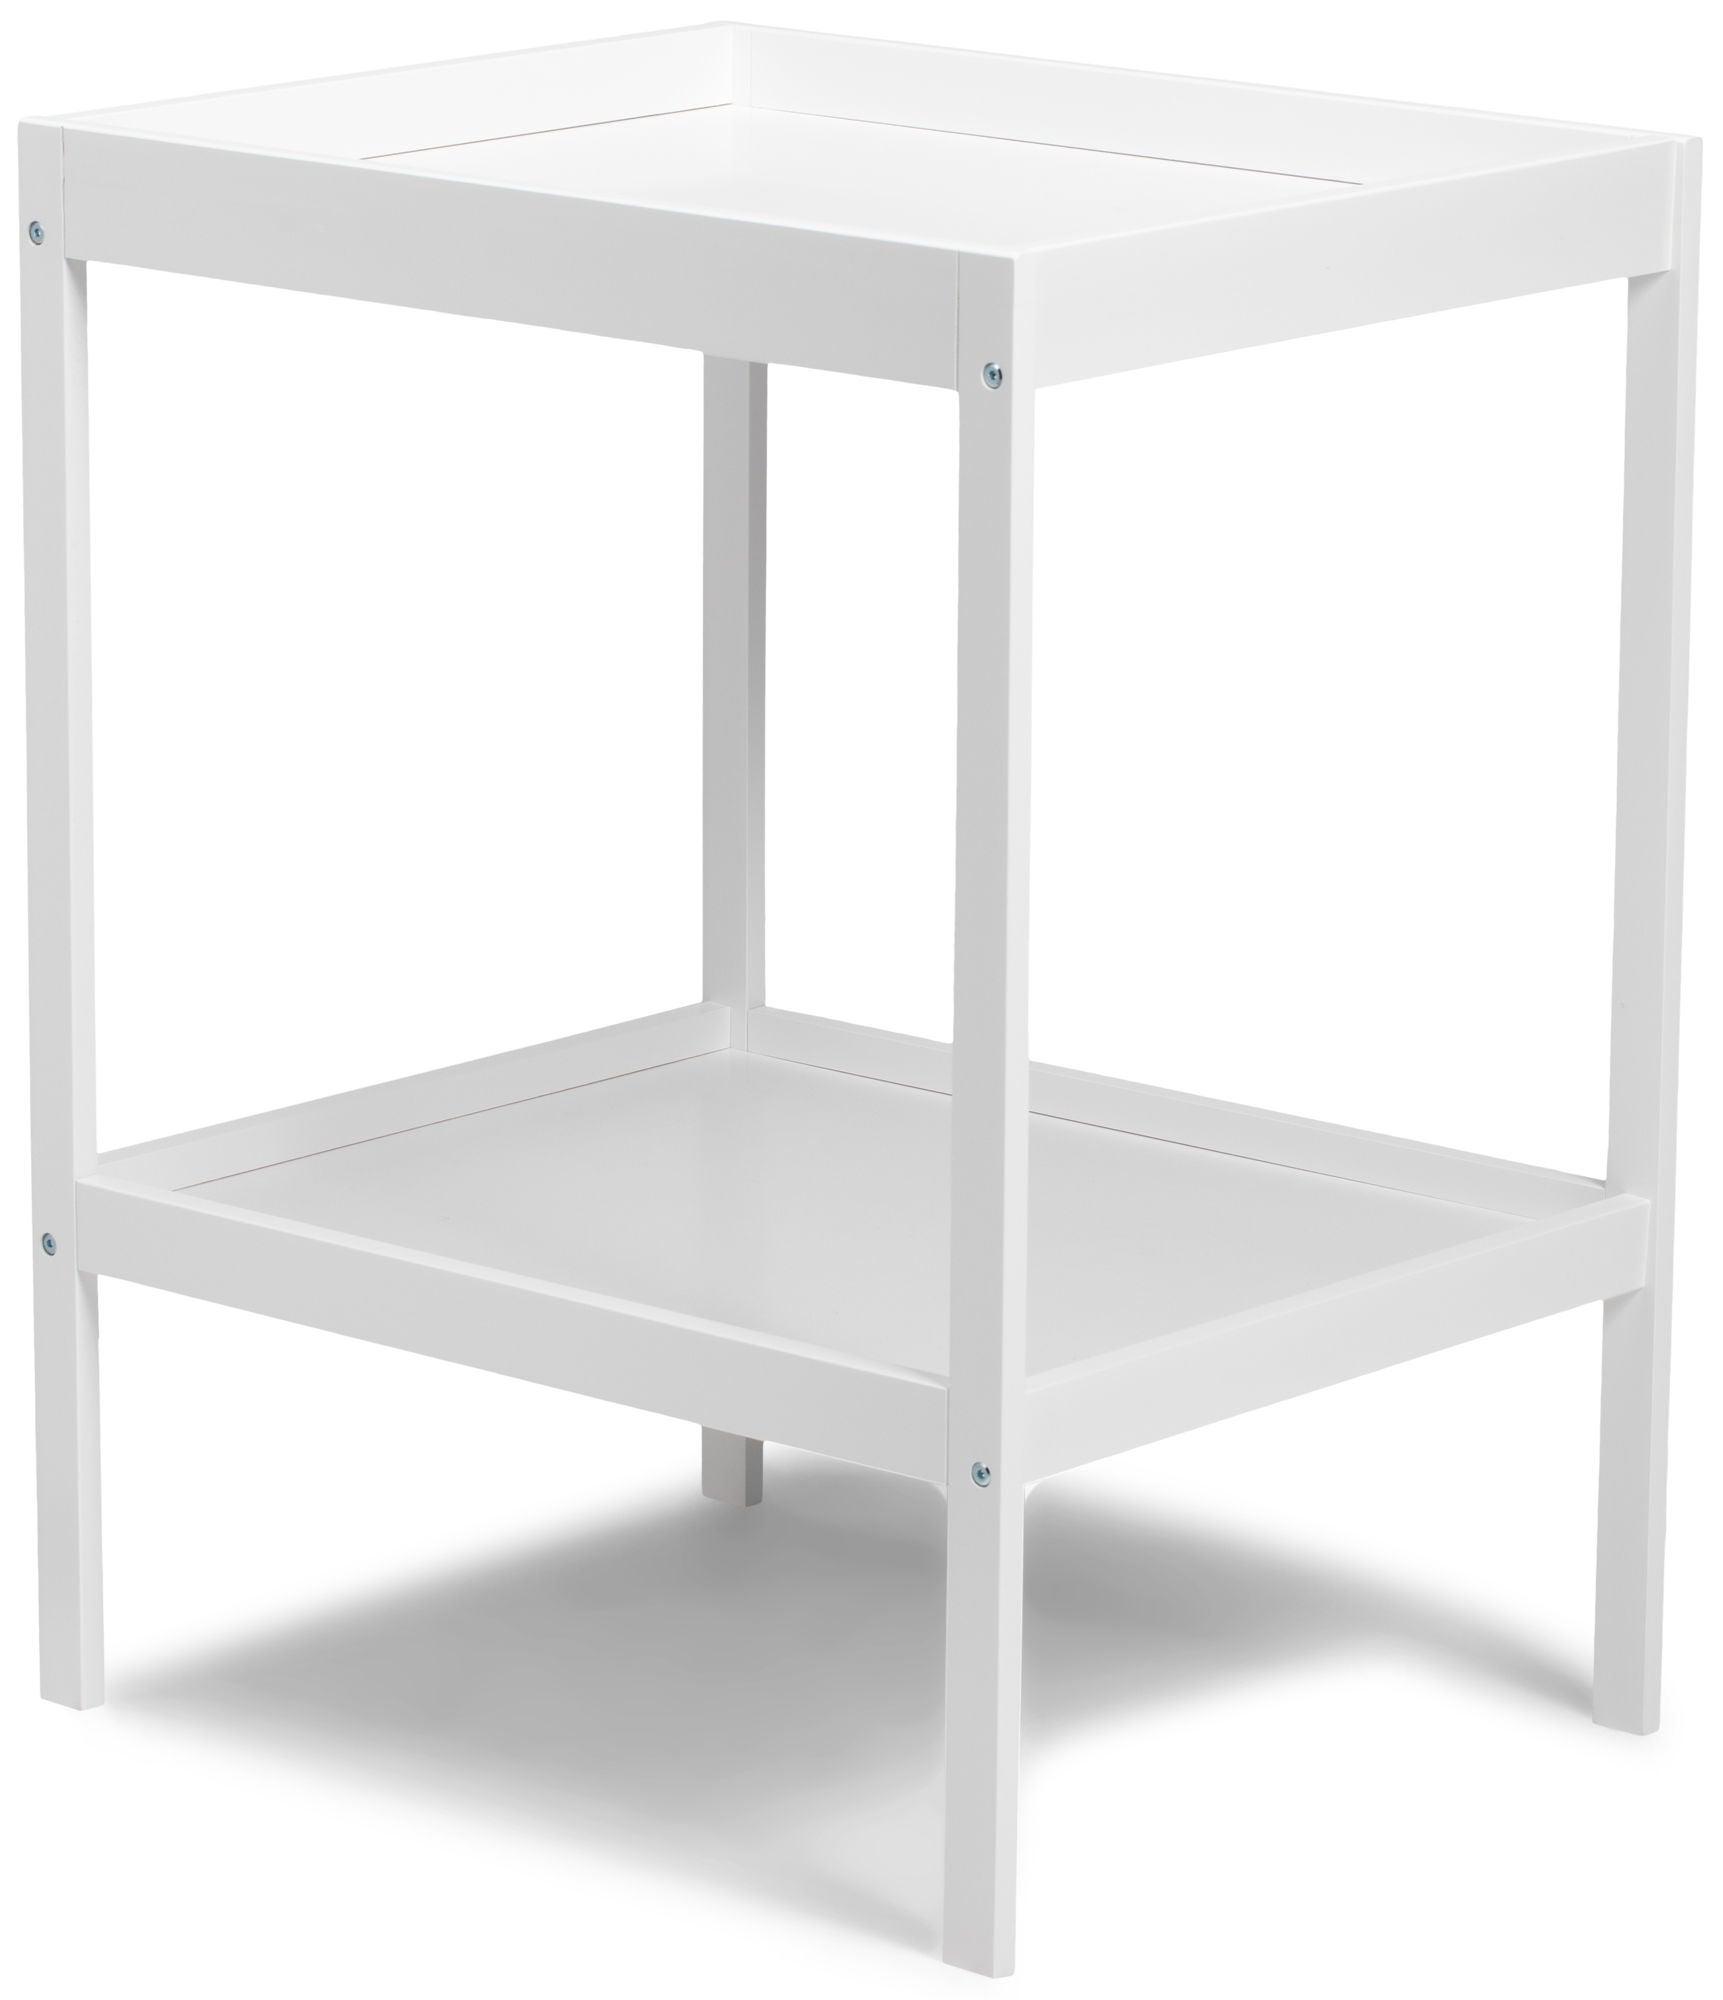 JLY Essential Hoitopöytä, Valkoinen